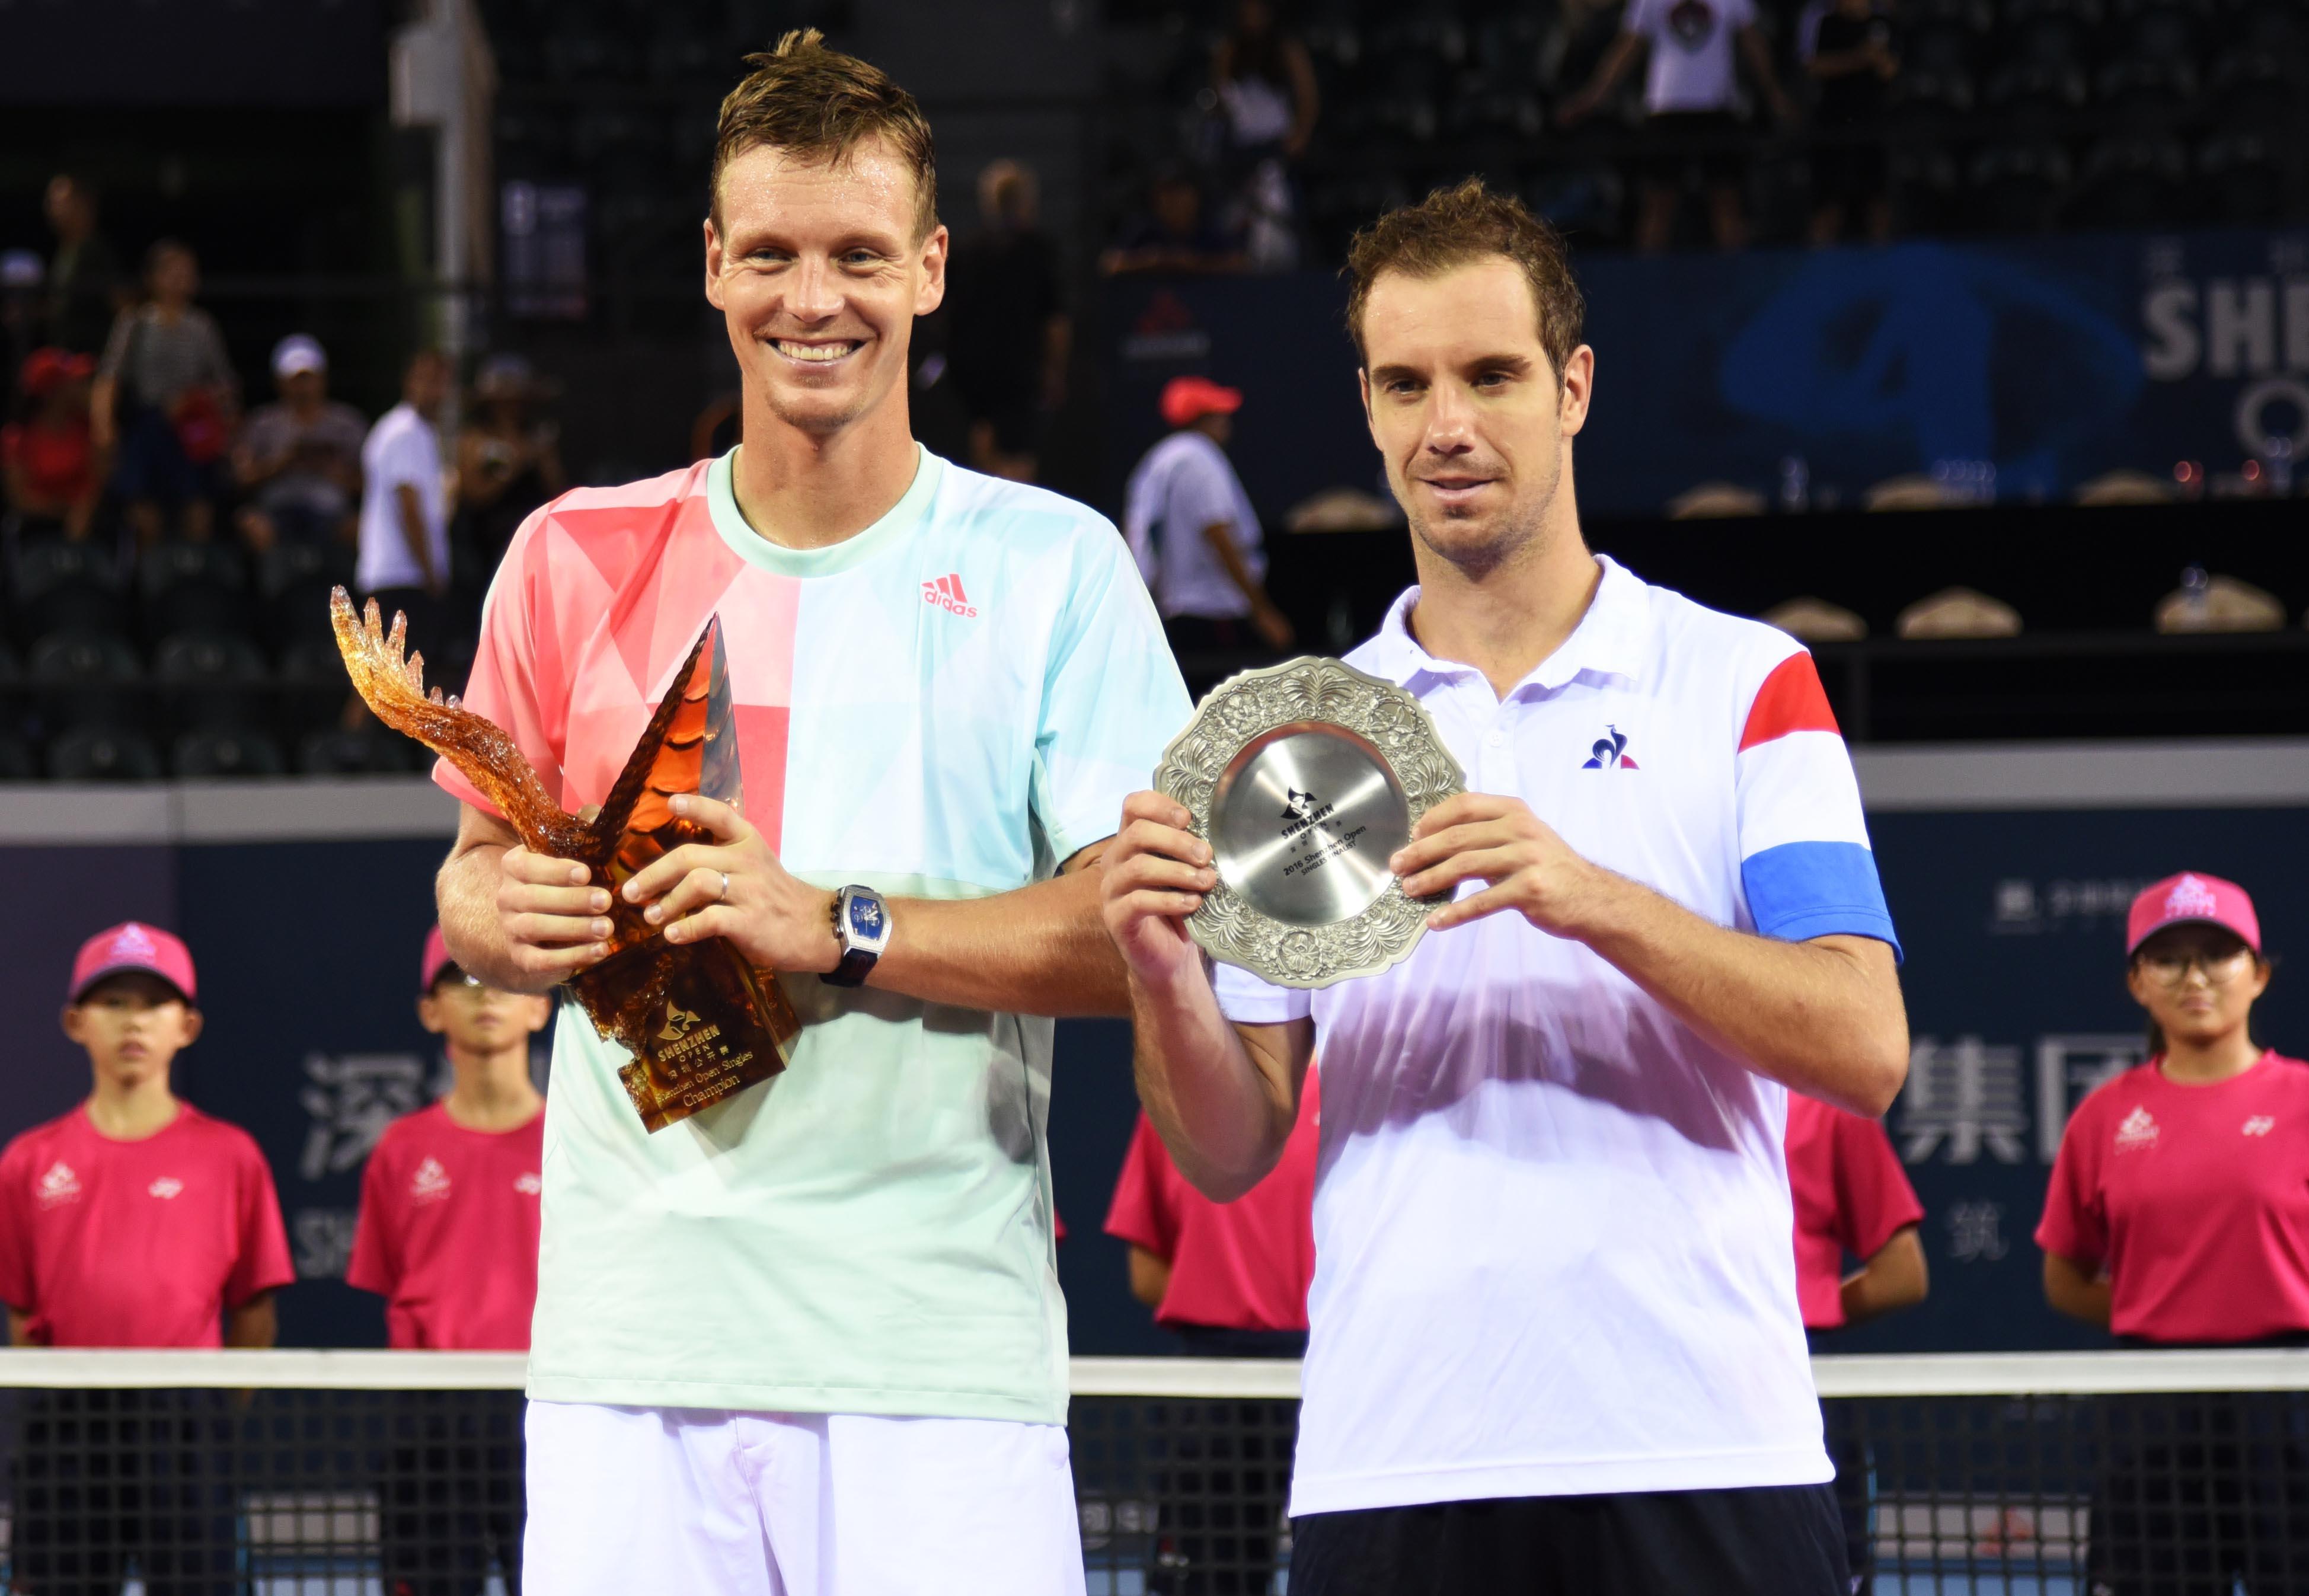 Tennis - ATP - Berdych trop fort pour Gasquet en finale